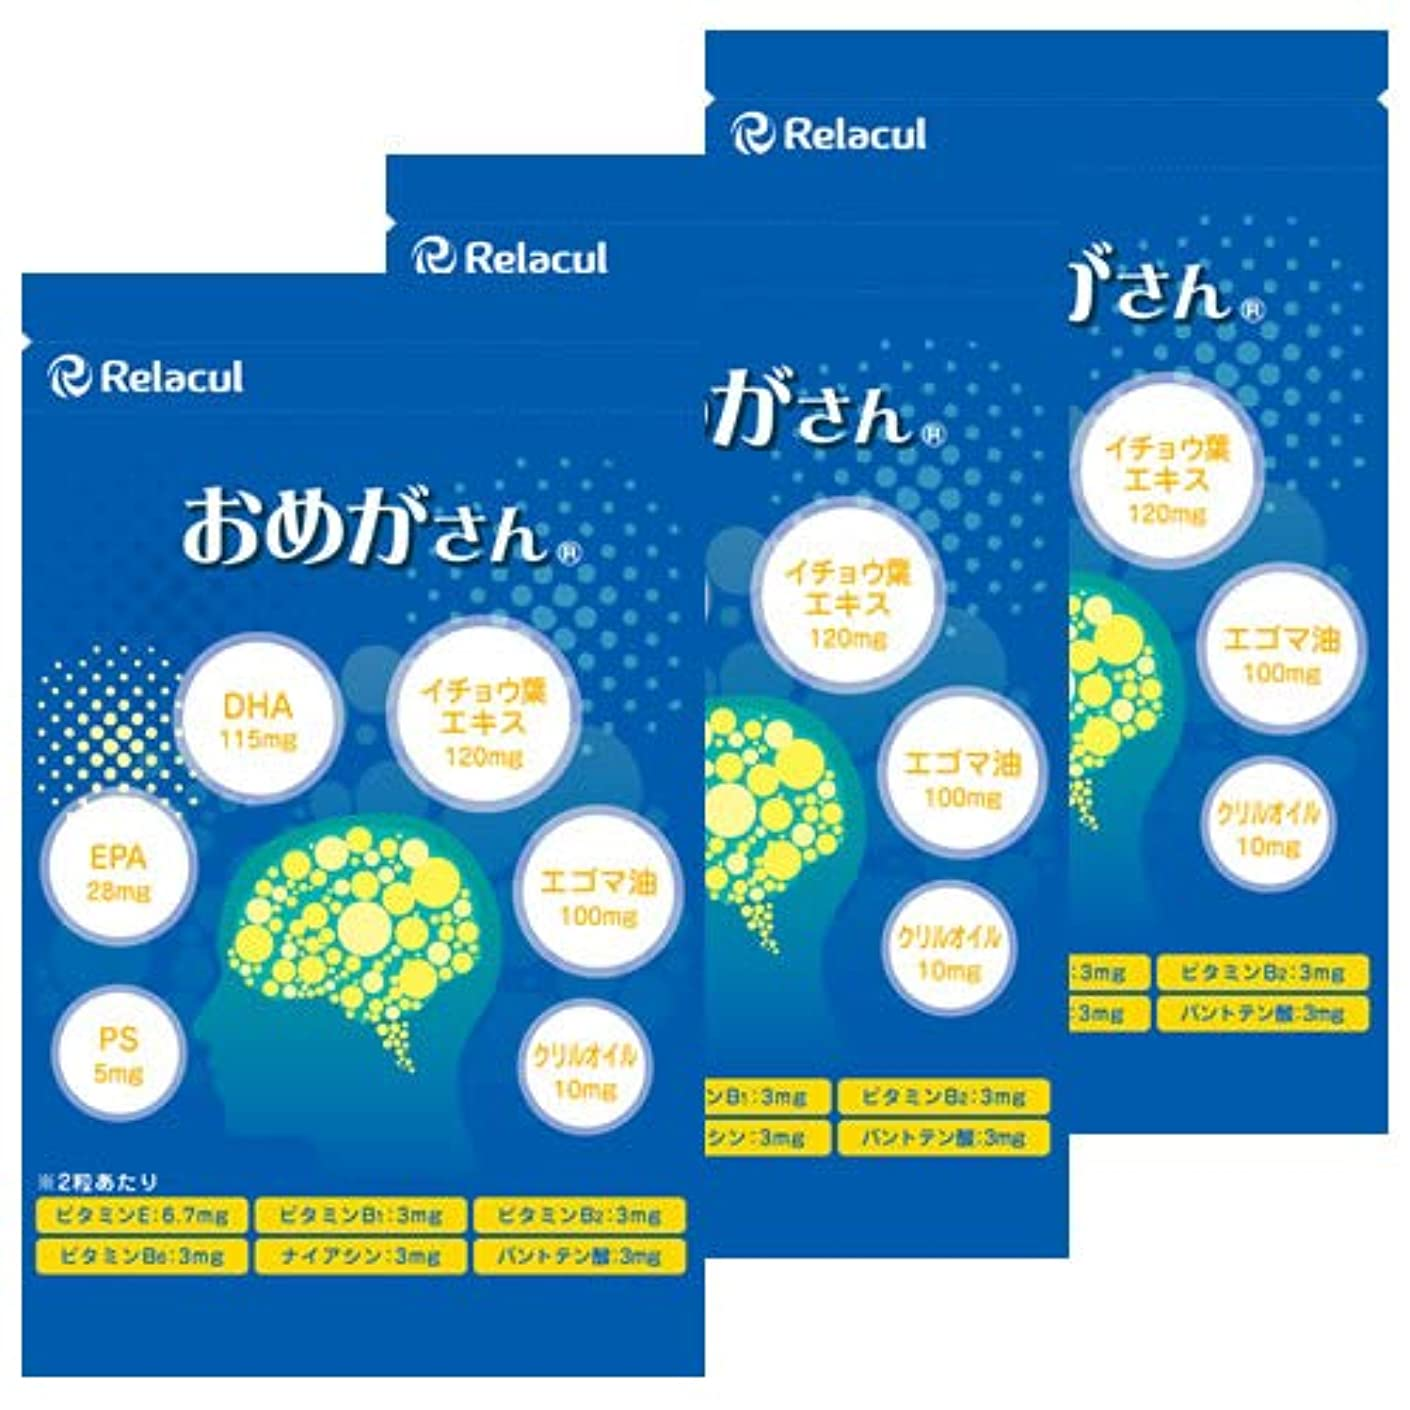 オメガ3脂肪酸 DHA EPA サプリ (日本製) うっかり 対策 サプリメント [偏った食生活に] フィッシュオイル イチョウ葉エキス エゴマ油 クリルオイル [おめがさん 3袋セット] 180粒入 (約3か月分)